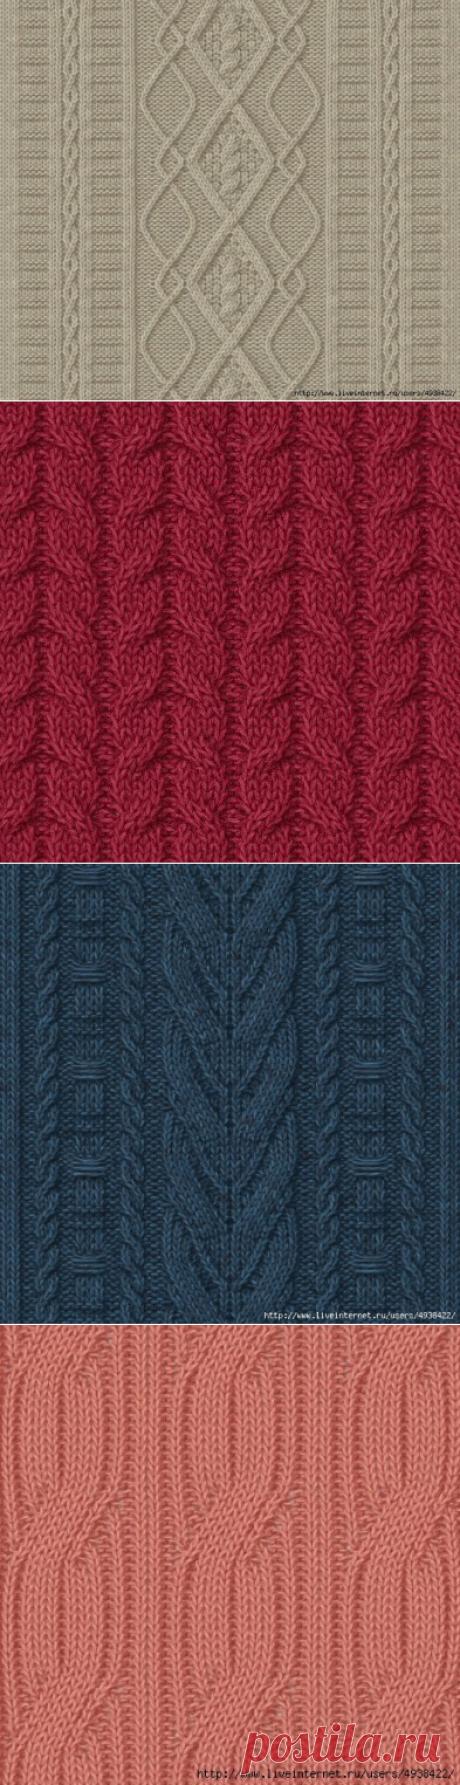 Patterns spokes (a photo + the scheme) - 2.